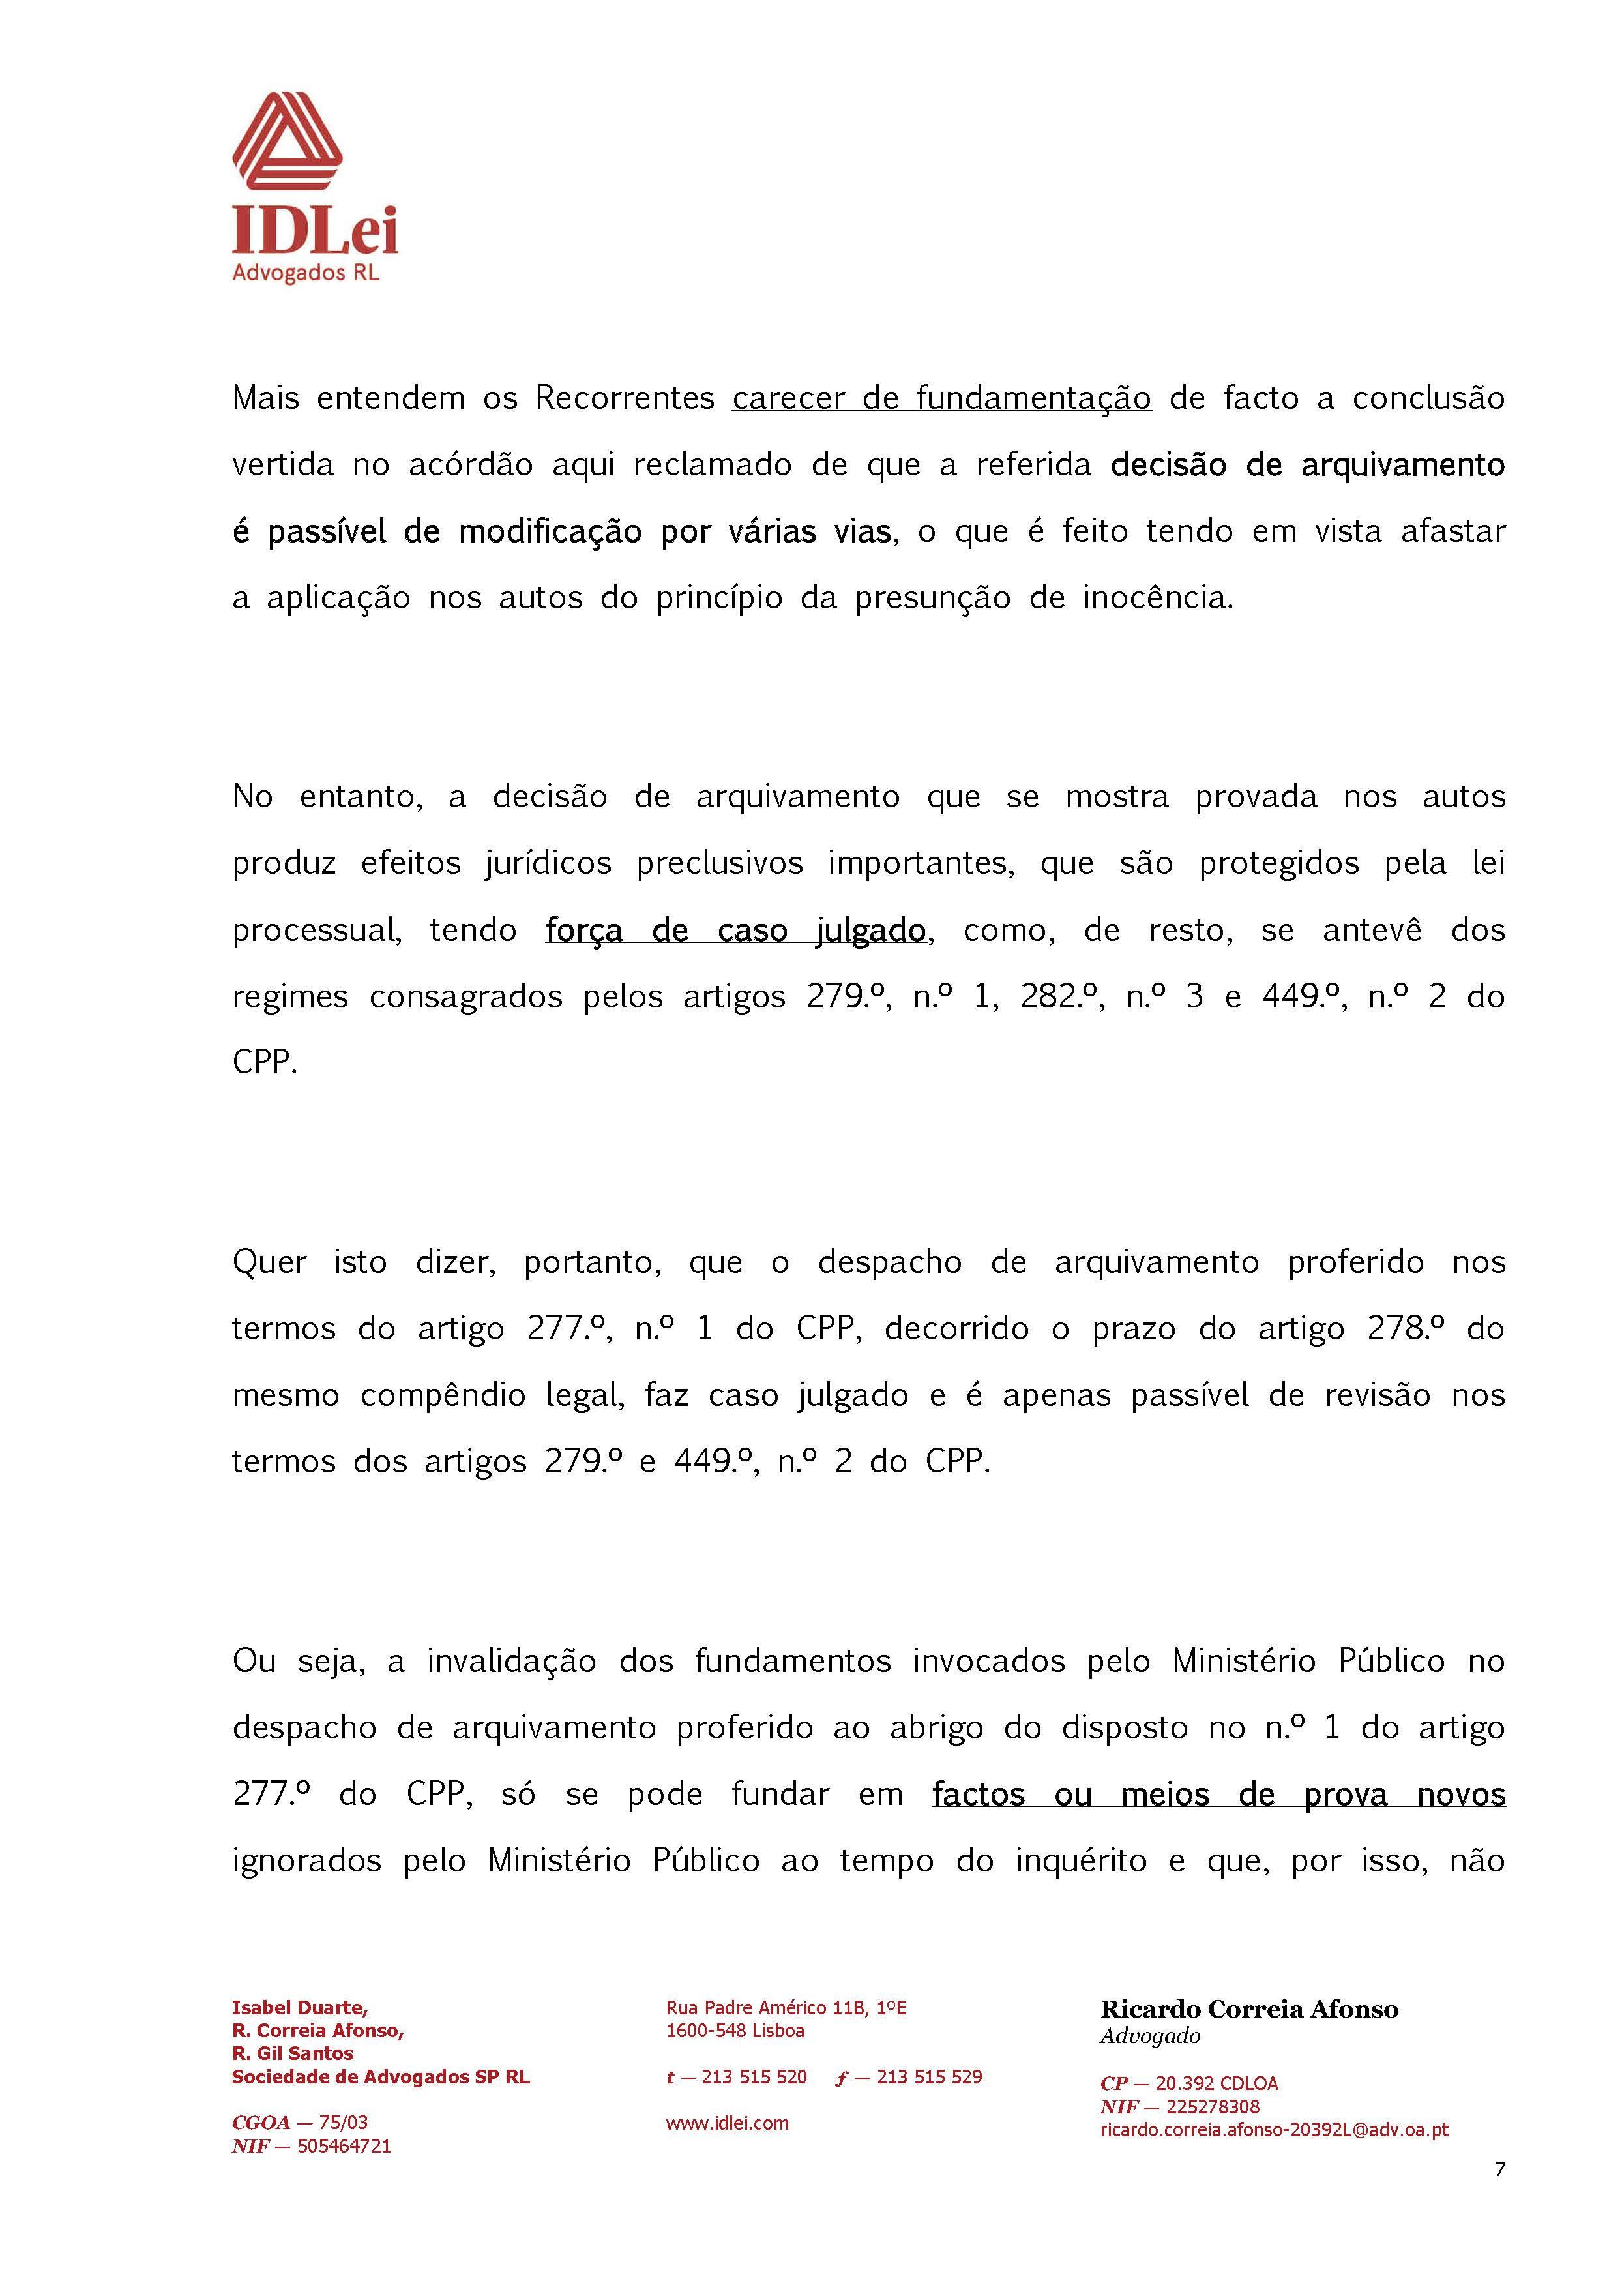 http://www.gerrymccannsblogs.co.uk/A/Arguicao_de%20Nulidade_do_Acordao_Page_7.jpg